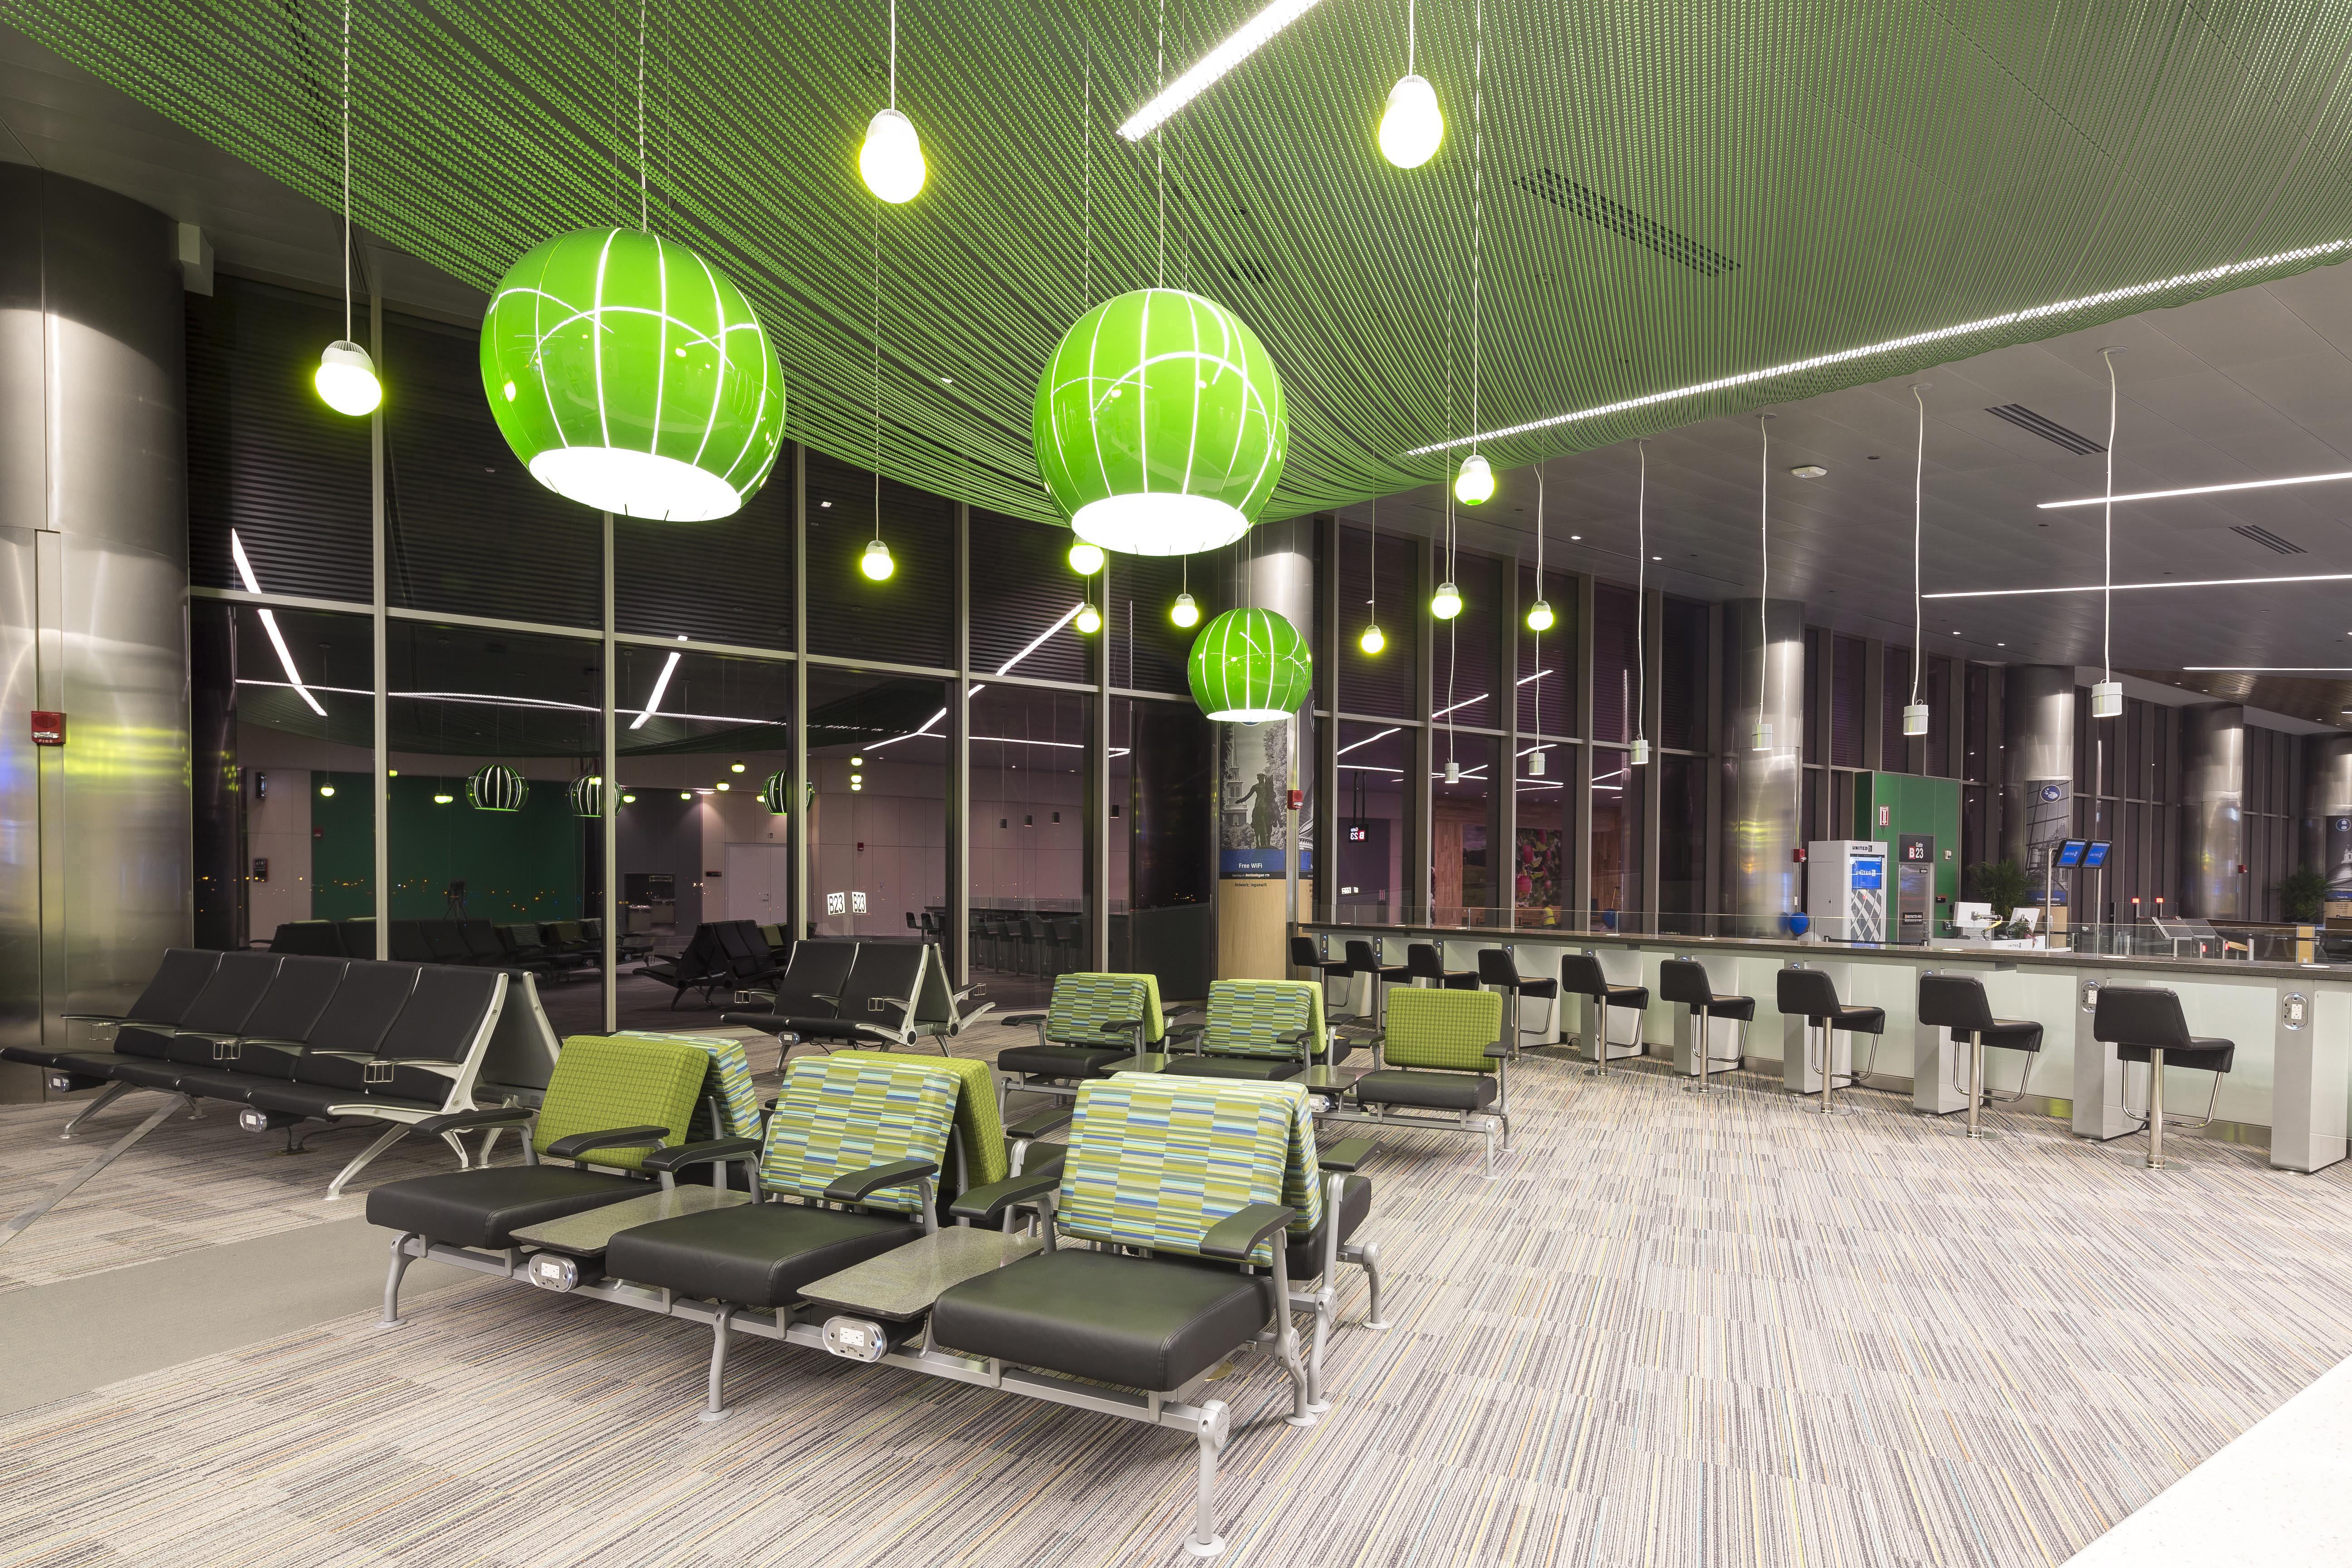 Logan_Airport_Terminal_B-2